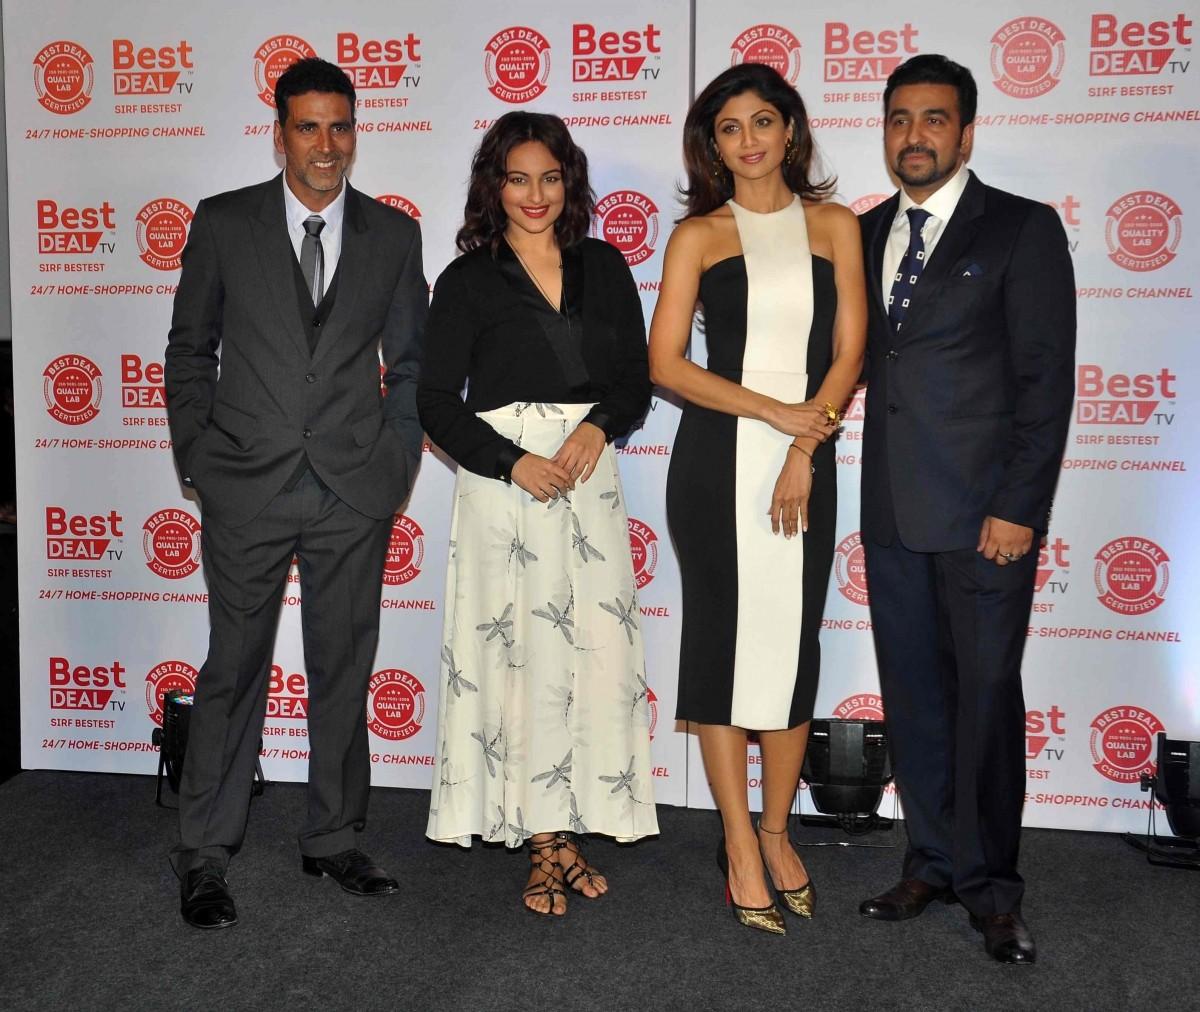 Akshay Kumar, Sonakshi Sinha, Shilpa Shetty and Raj Kundra